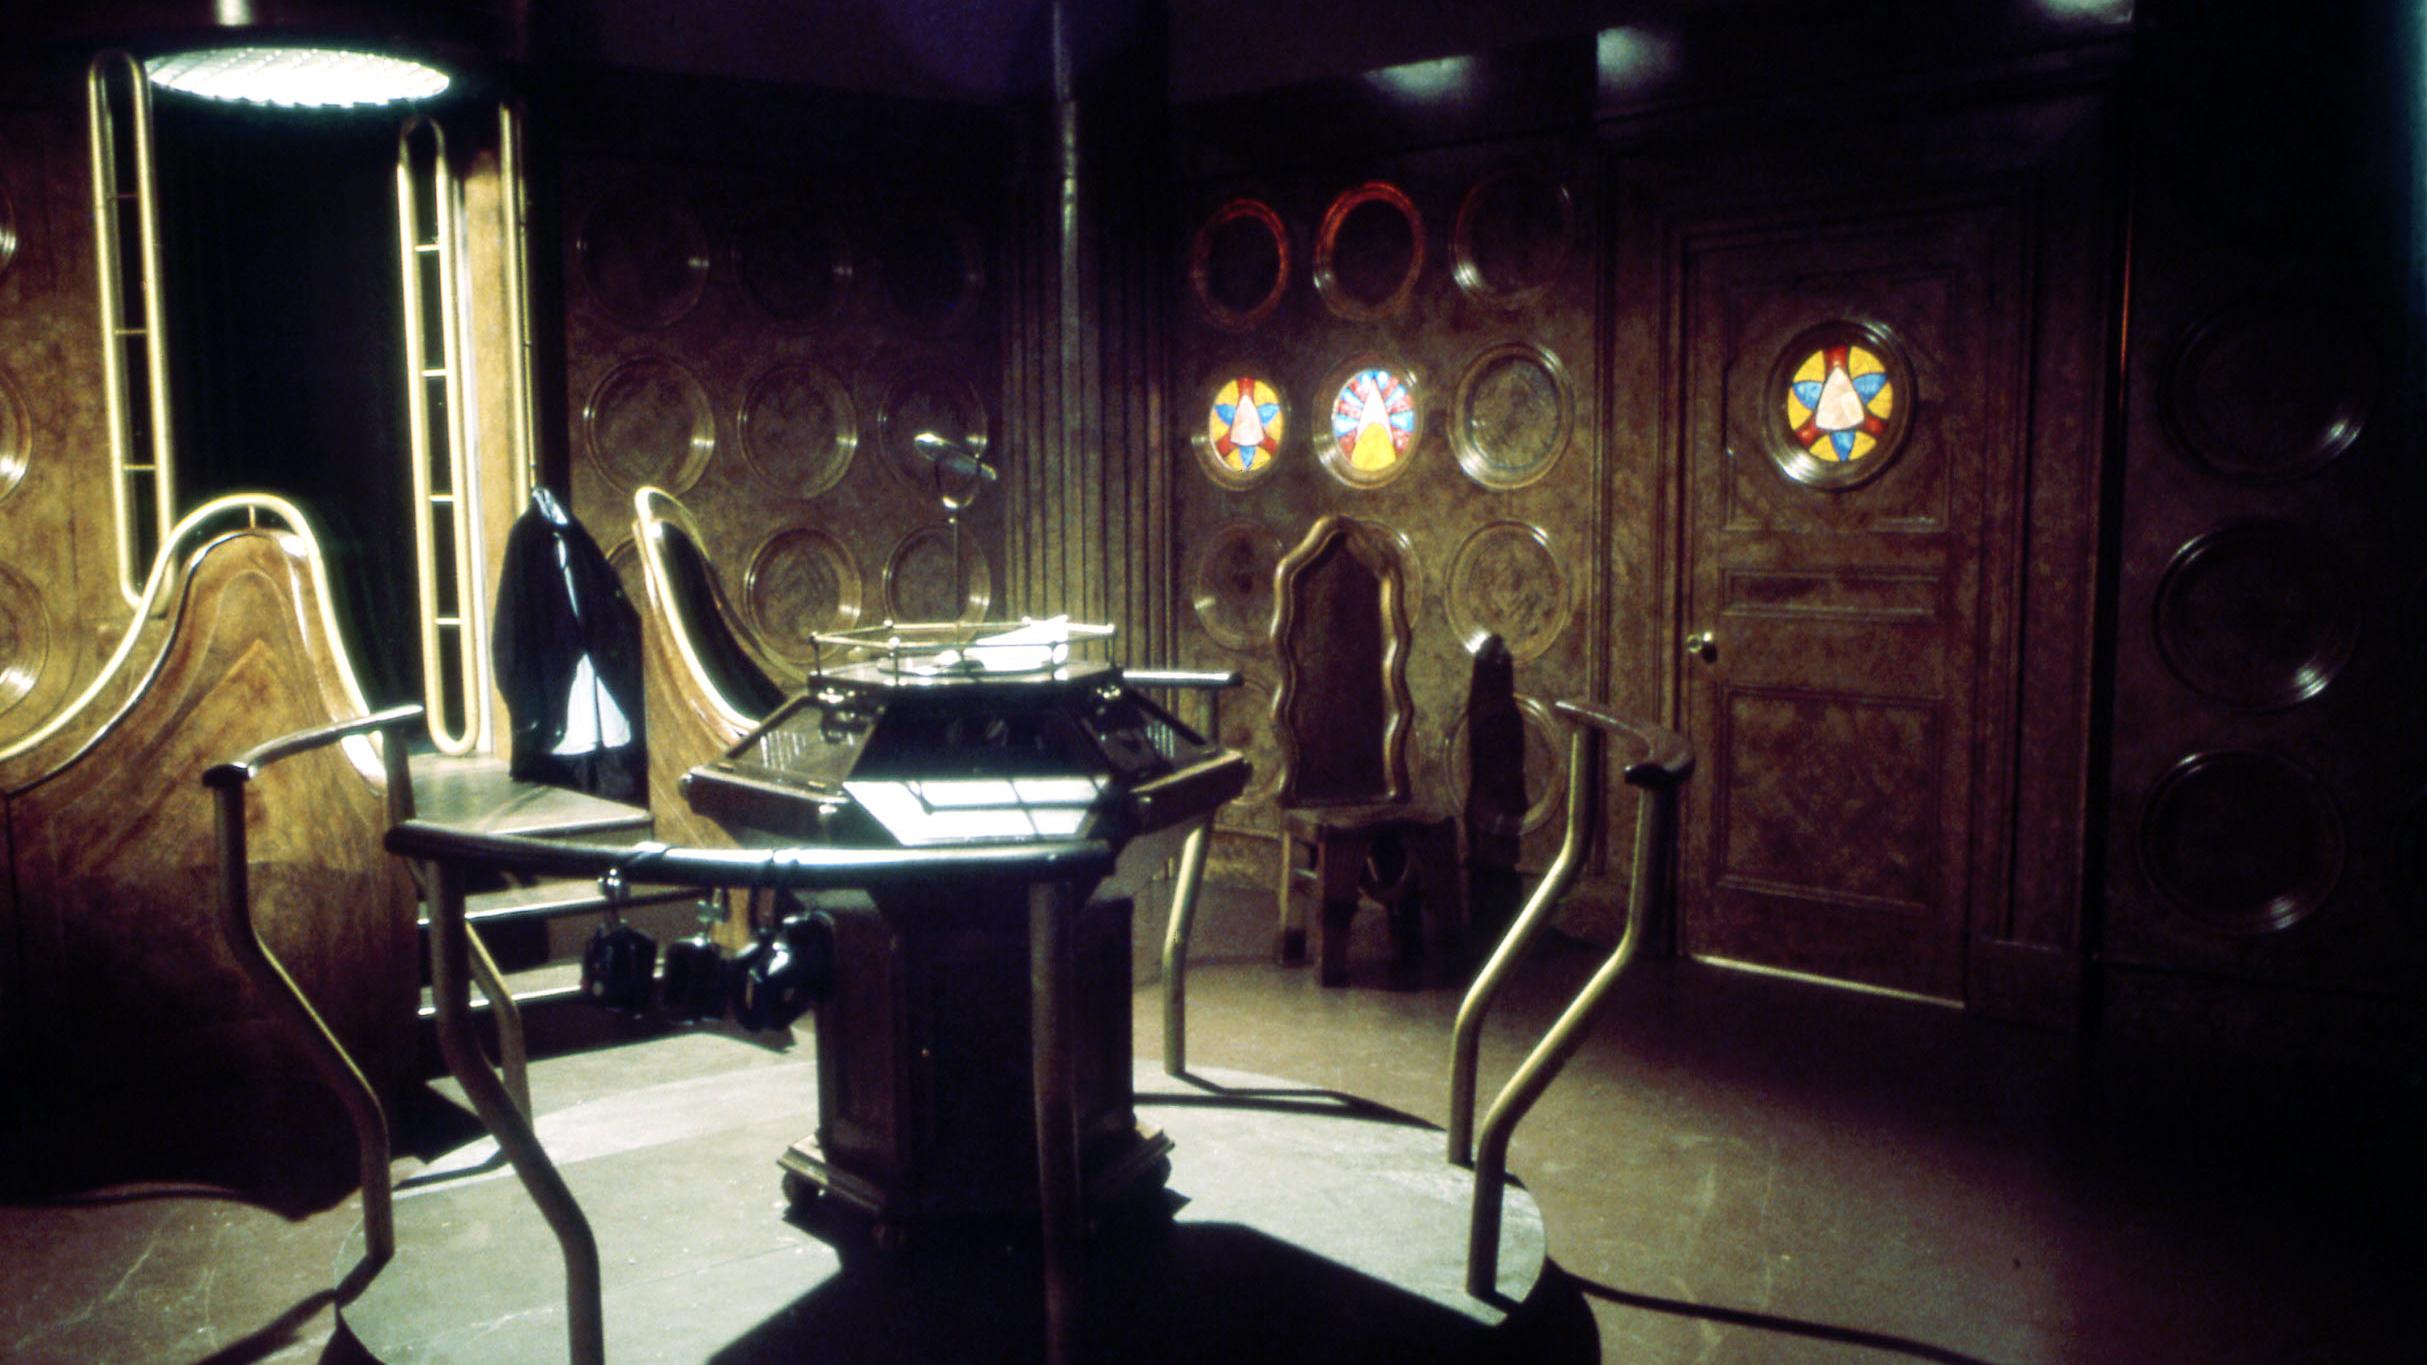 Escenario para la serie de televisión Doctor Who. Masque of Mandragora Tardis 1 (1976). Imagen: BBC TV.